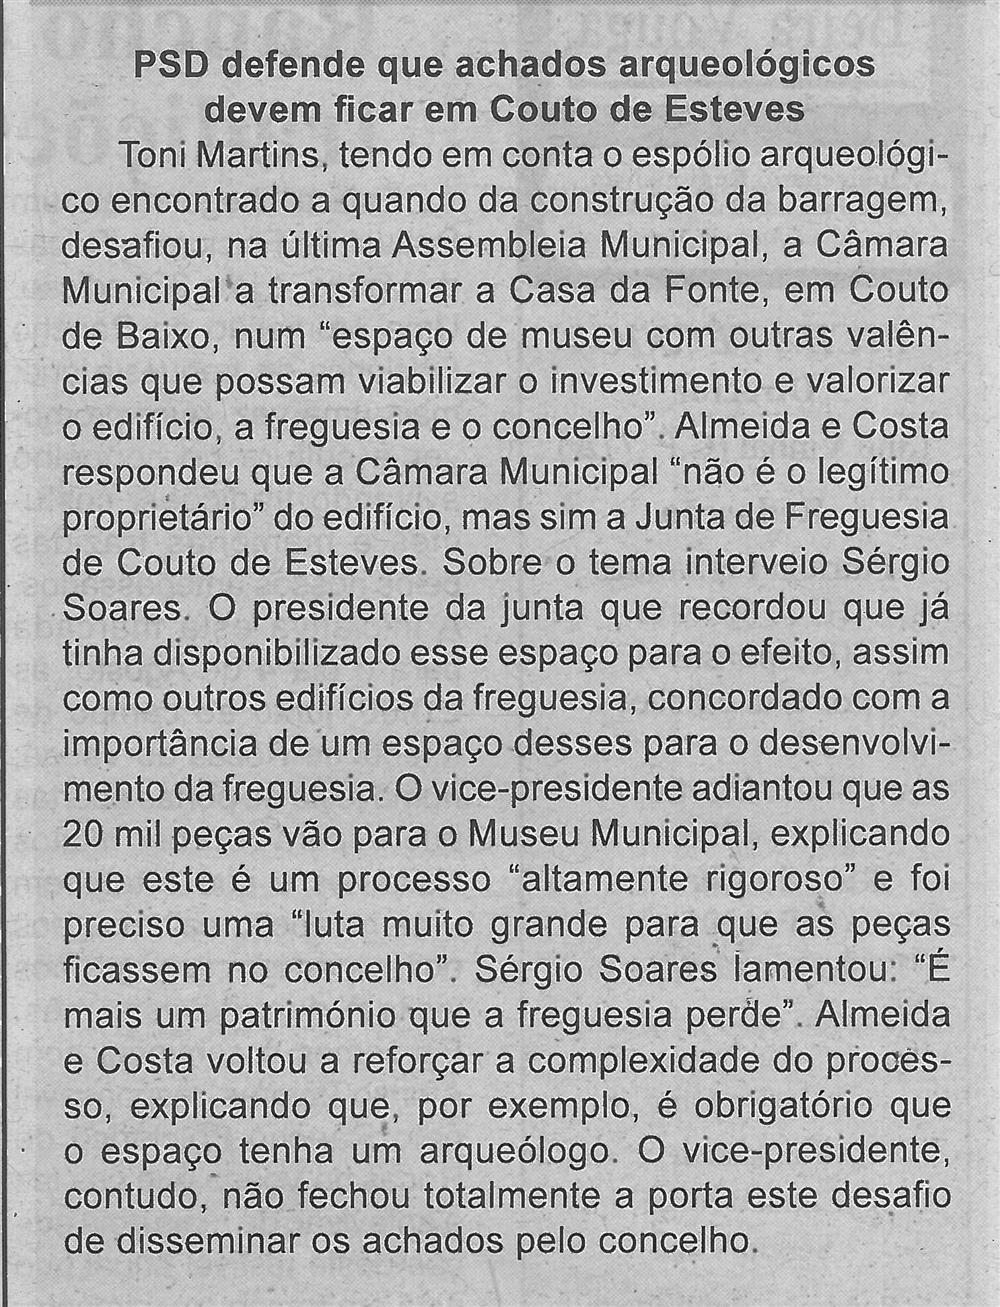 BV-2.ªjul.'18-p.3-PSD defende que achados arqueológicos devem ficar em Couto de Esteves.jpg